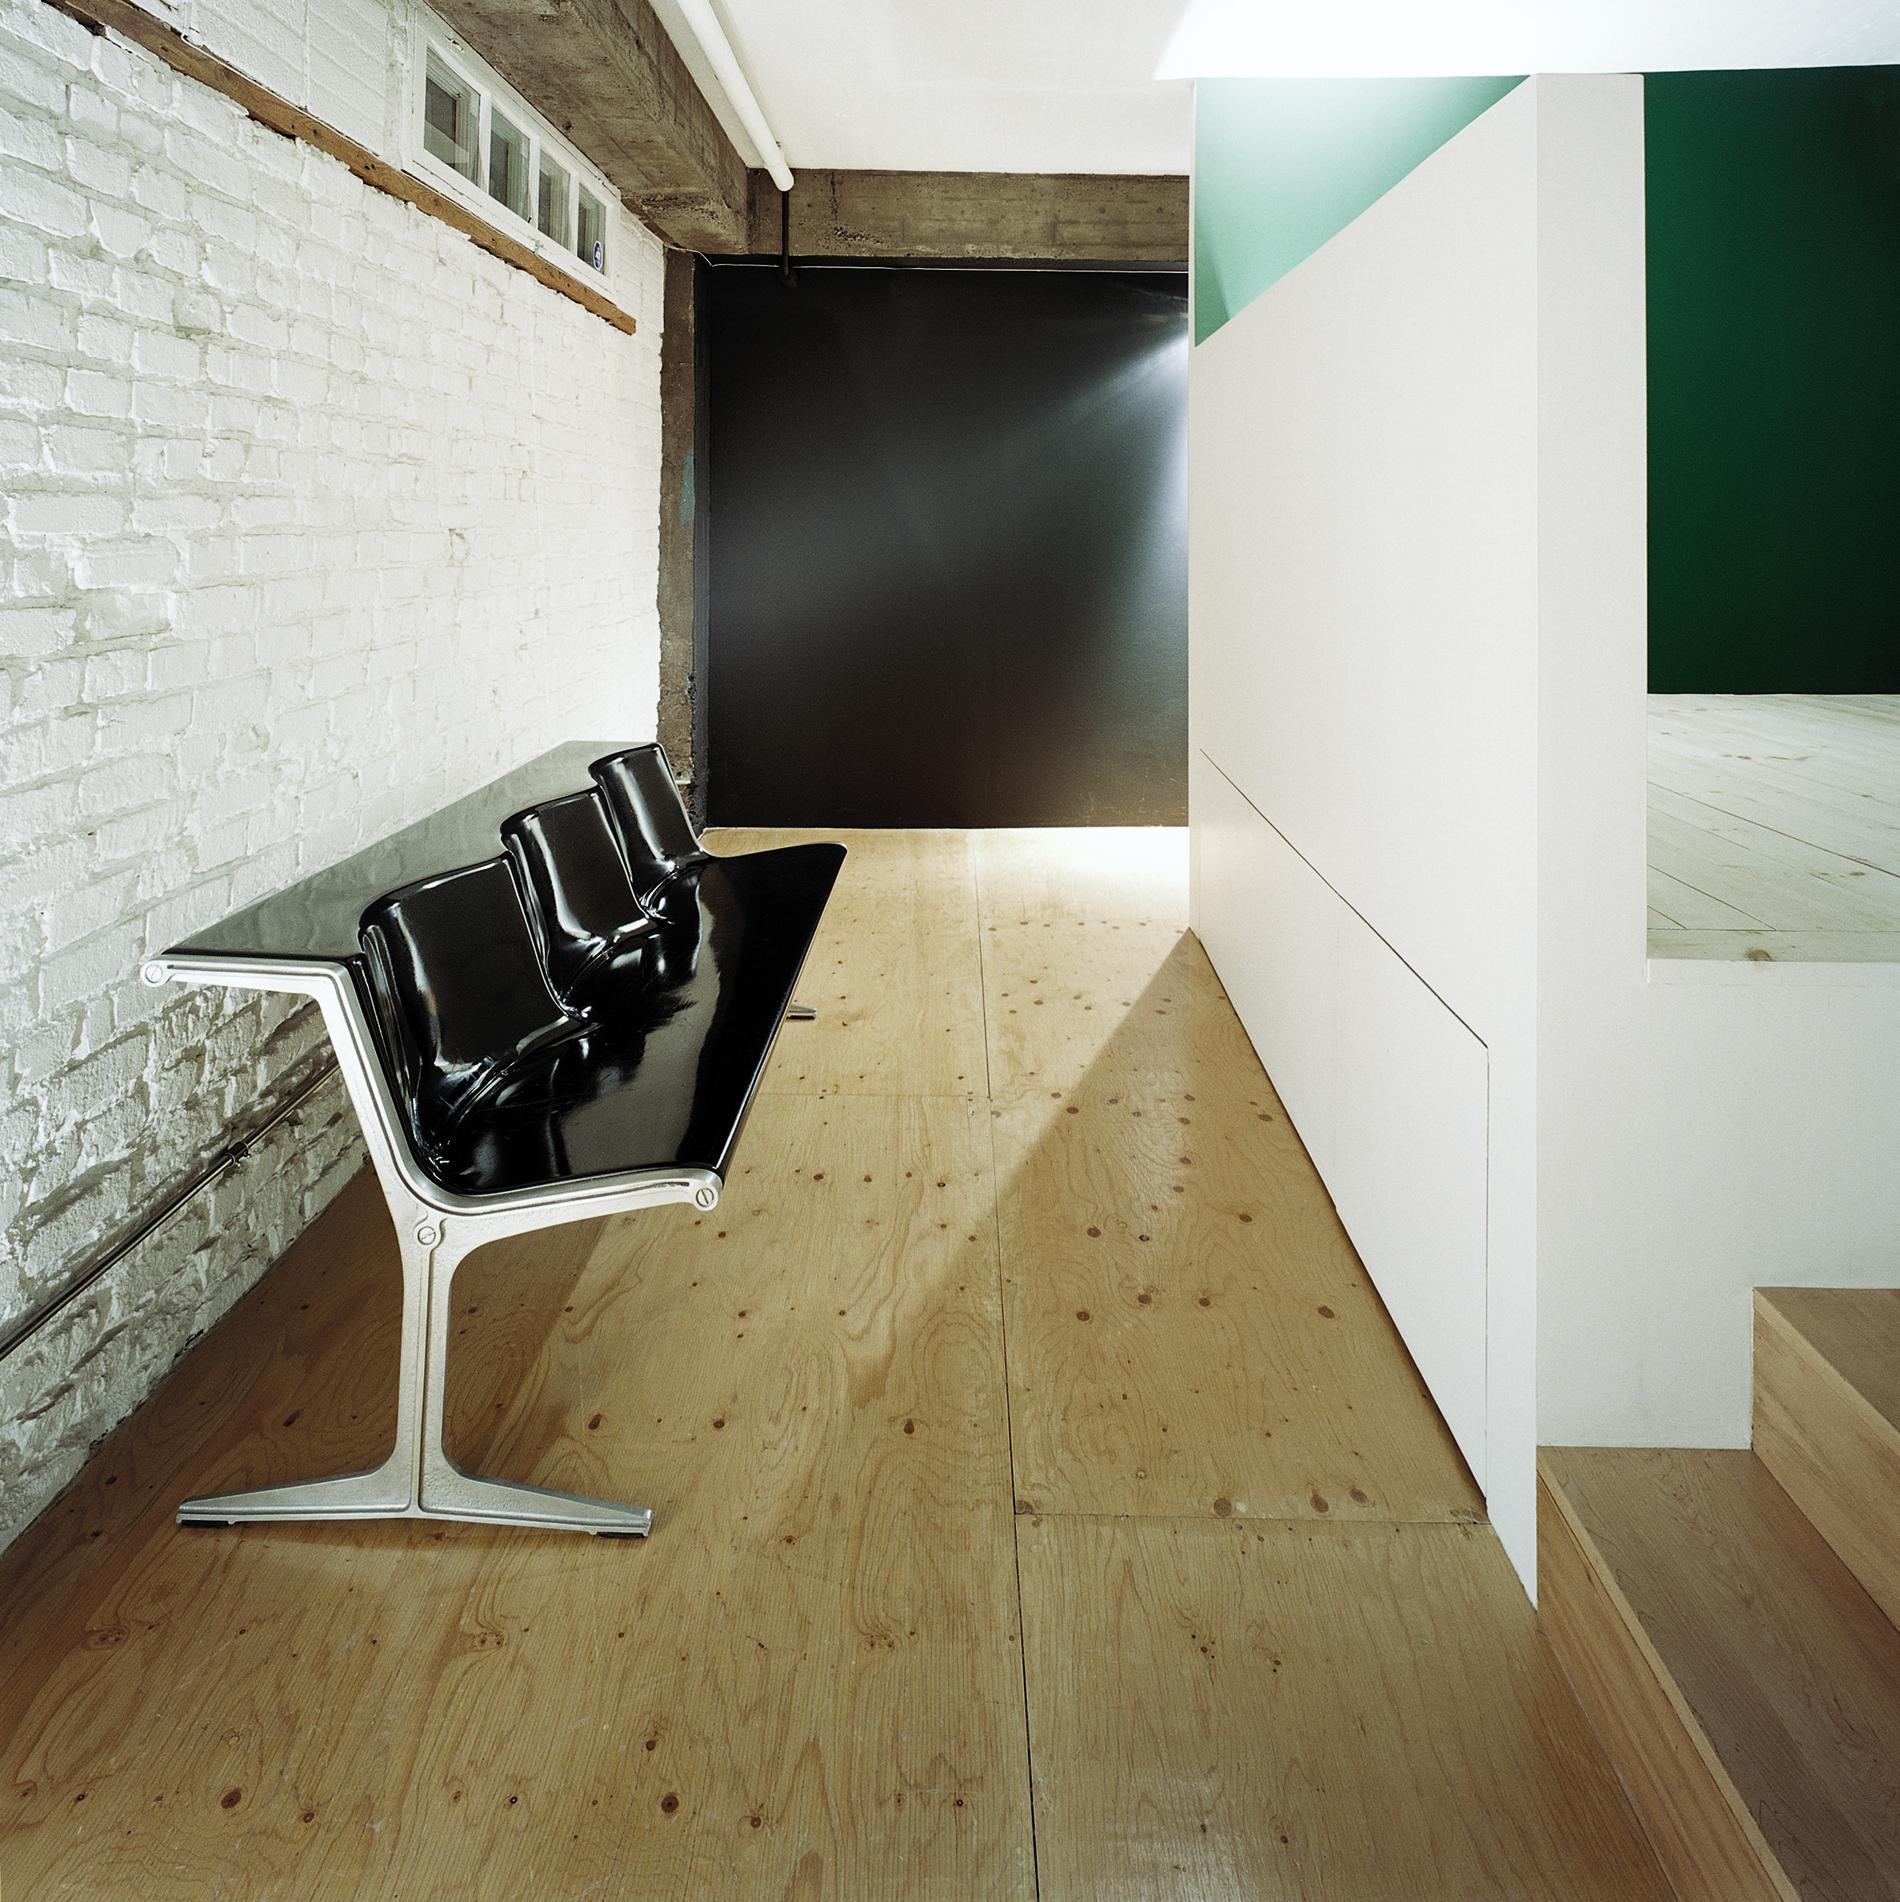 Vue vers l'entrée. Plancher de contreplaqué sablé et verni. Nouvelle plateforme pour coin bureau ou chambre avec rangement en-dessous. Crédit photo © Marc Cramer